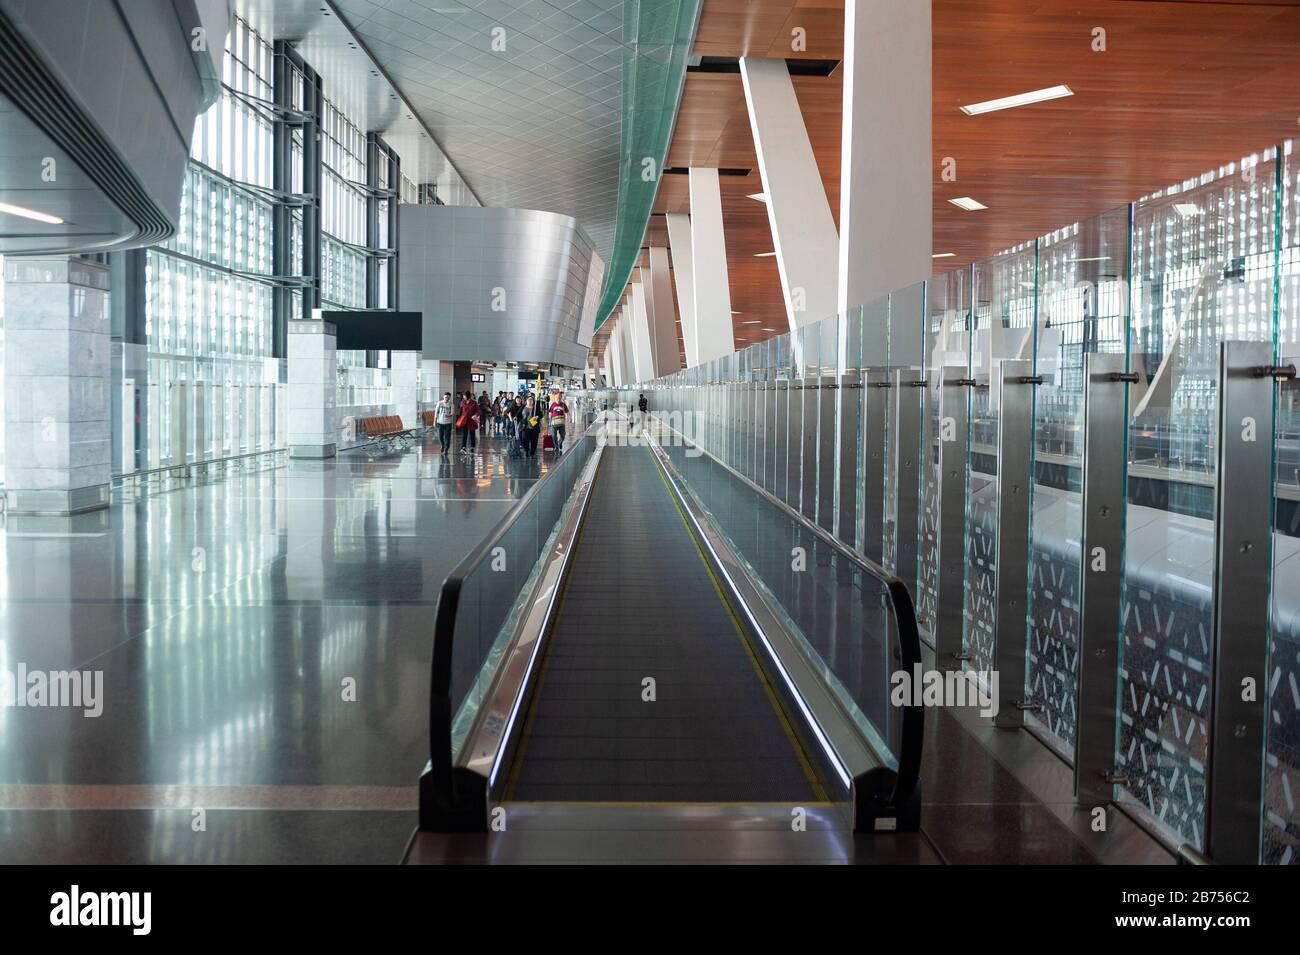 05.06.2019, Doha, Katar - Innenansicht des neuen Hamad International Airport. [Automatisierte Übersetzung] Stockfoto